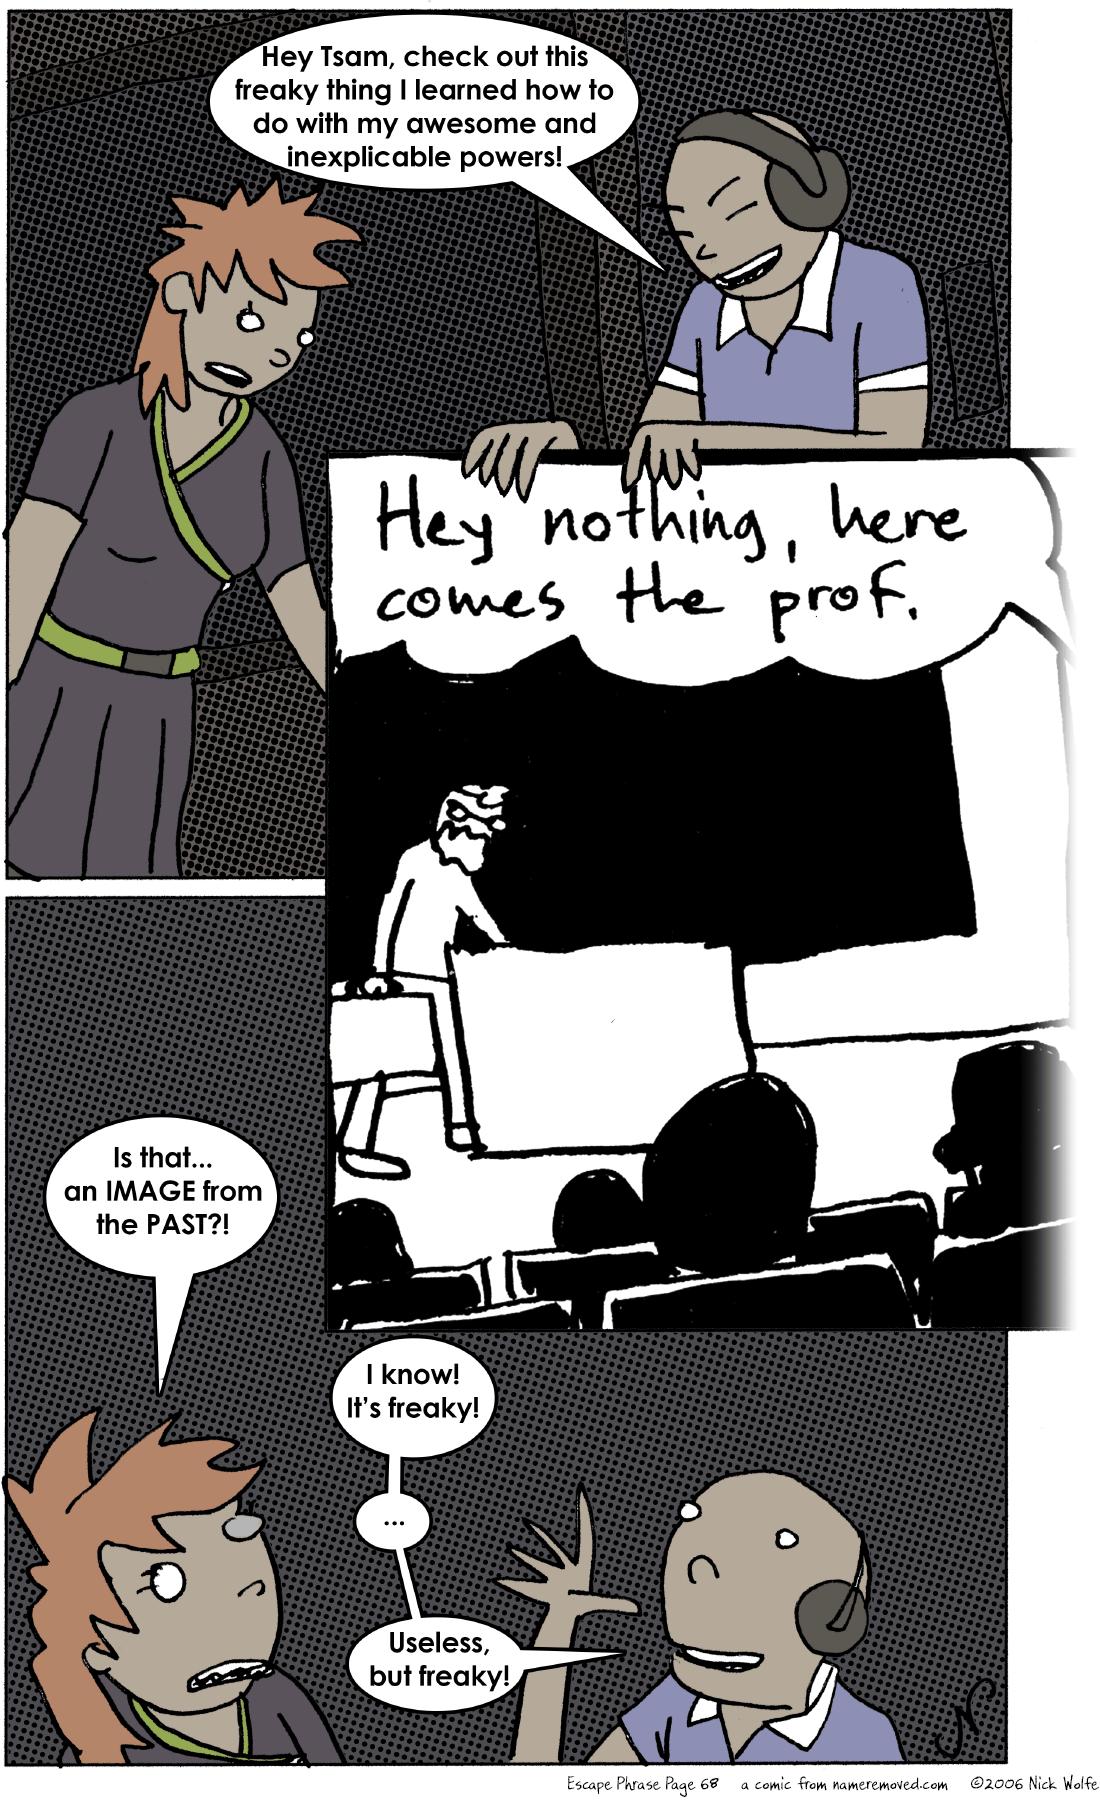 Escape Phrase 68